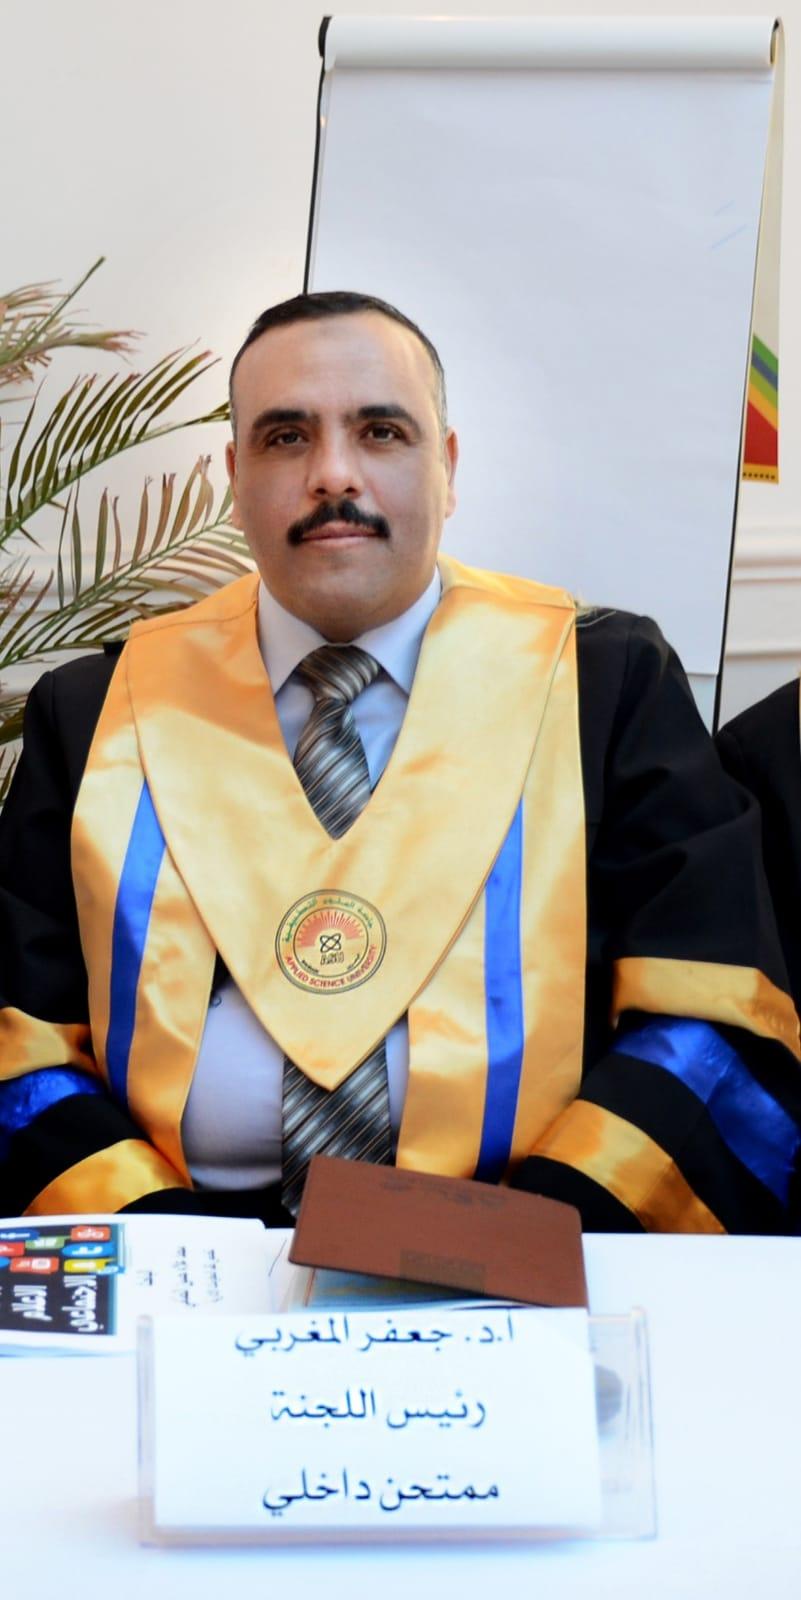 تهنئة خاصة للأستاذ الدكتور جعفر المغربي بمناسبة تعيينه نائبا لرئيس جامعة العلوم الاسلامية